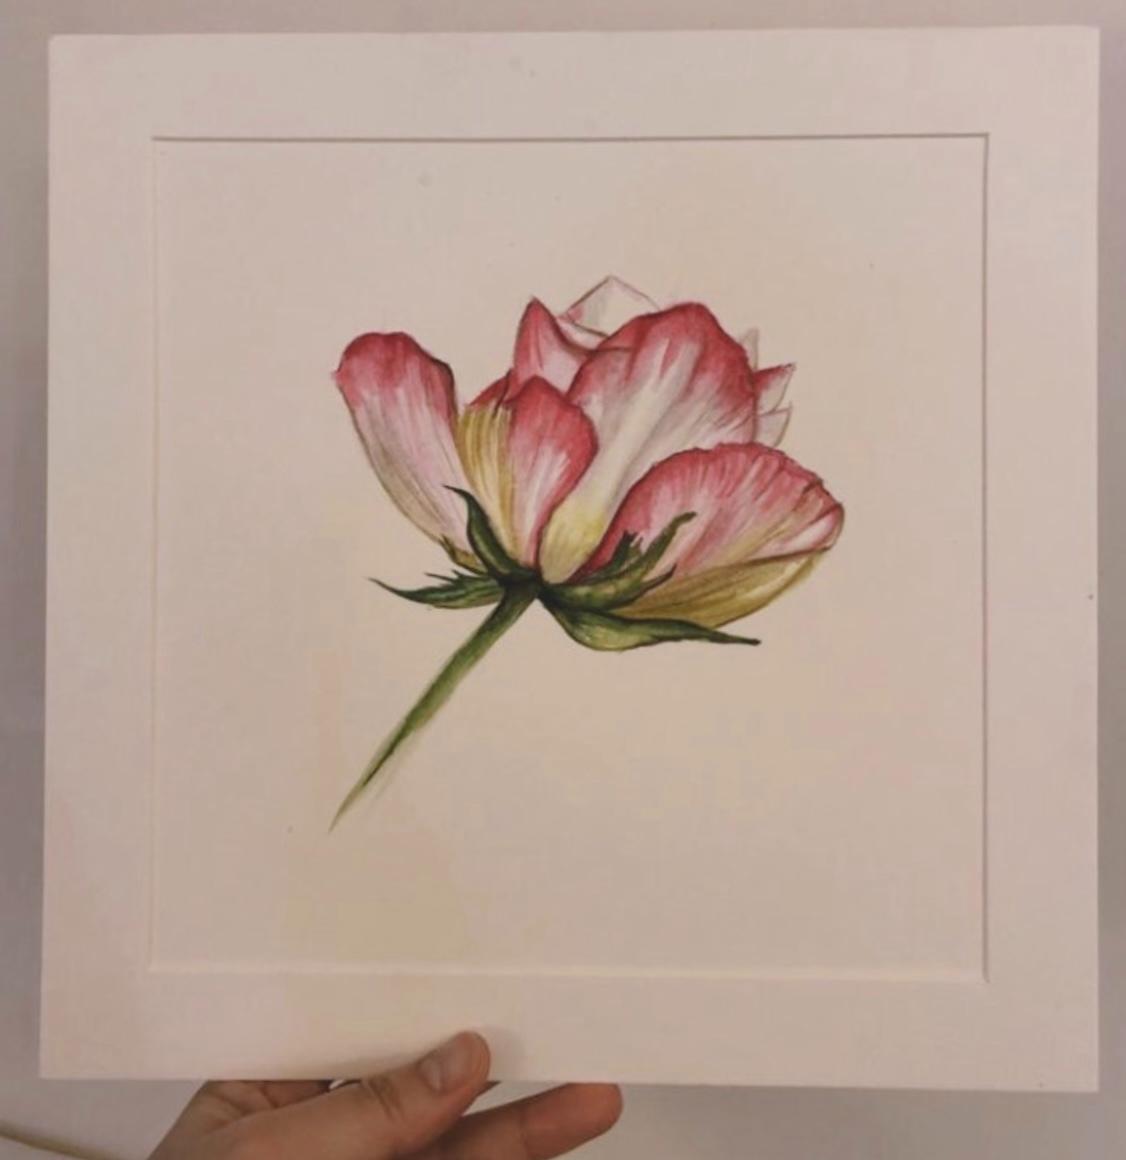 水彩 watercolor